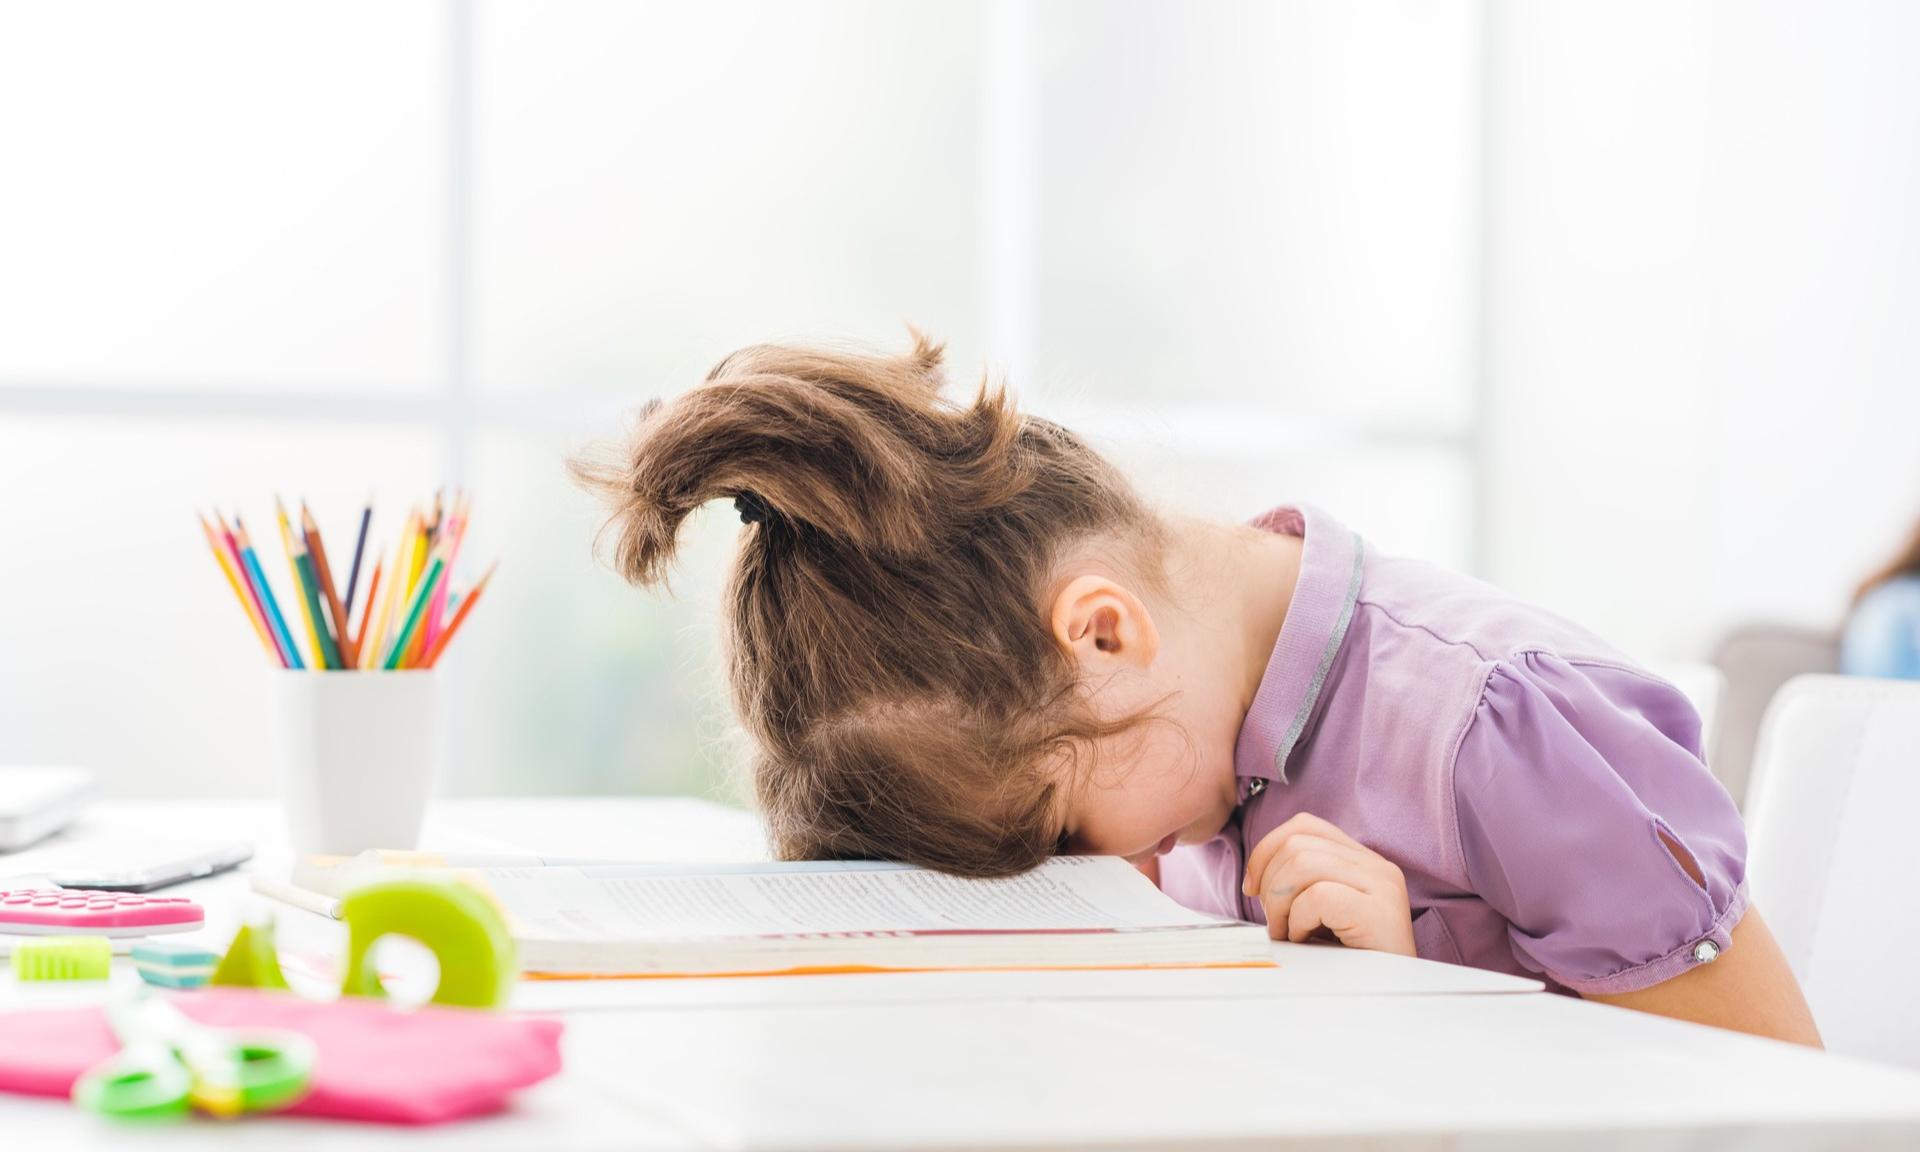 Трата времени: 4 самых бесполезных предмета в школе